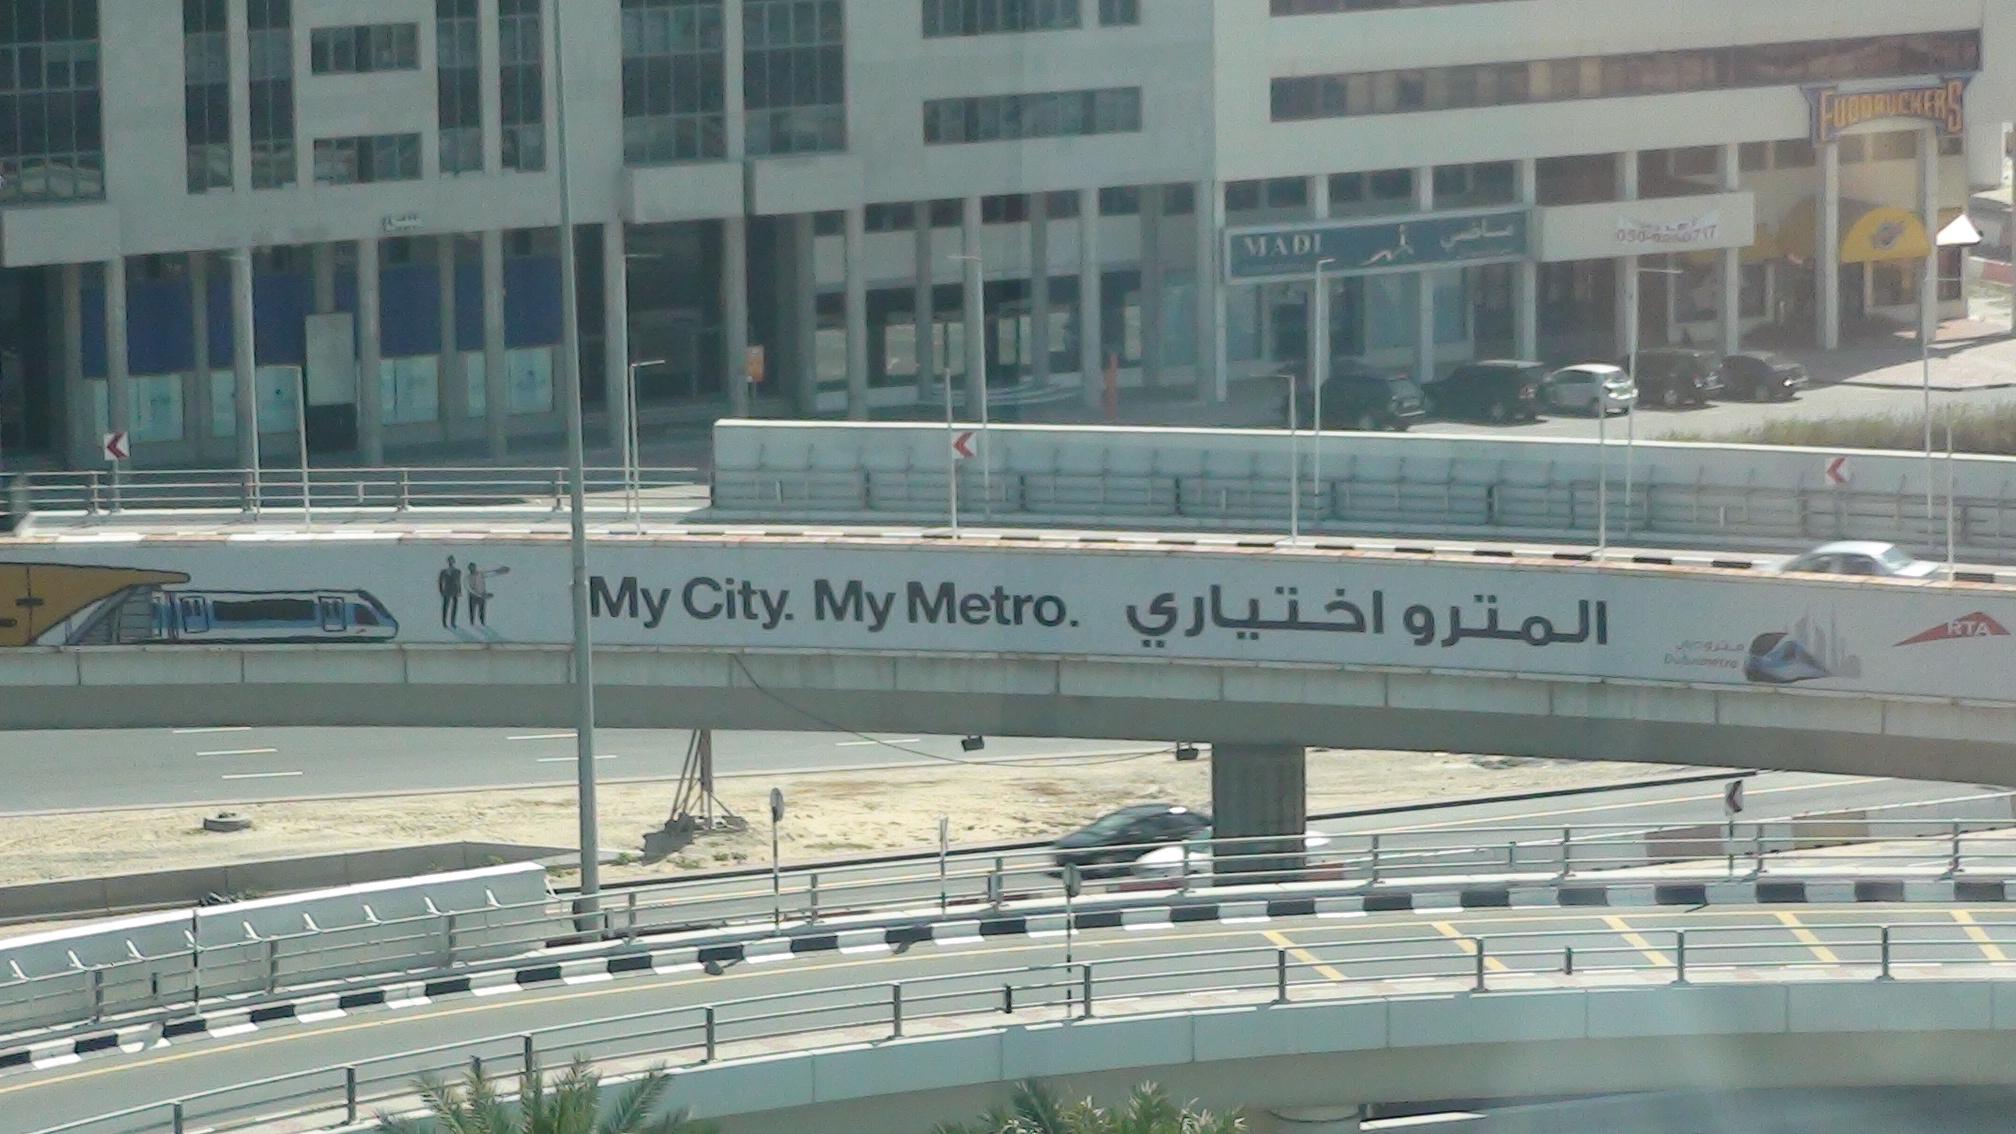 مترو دبى - dubai metro (67)